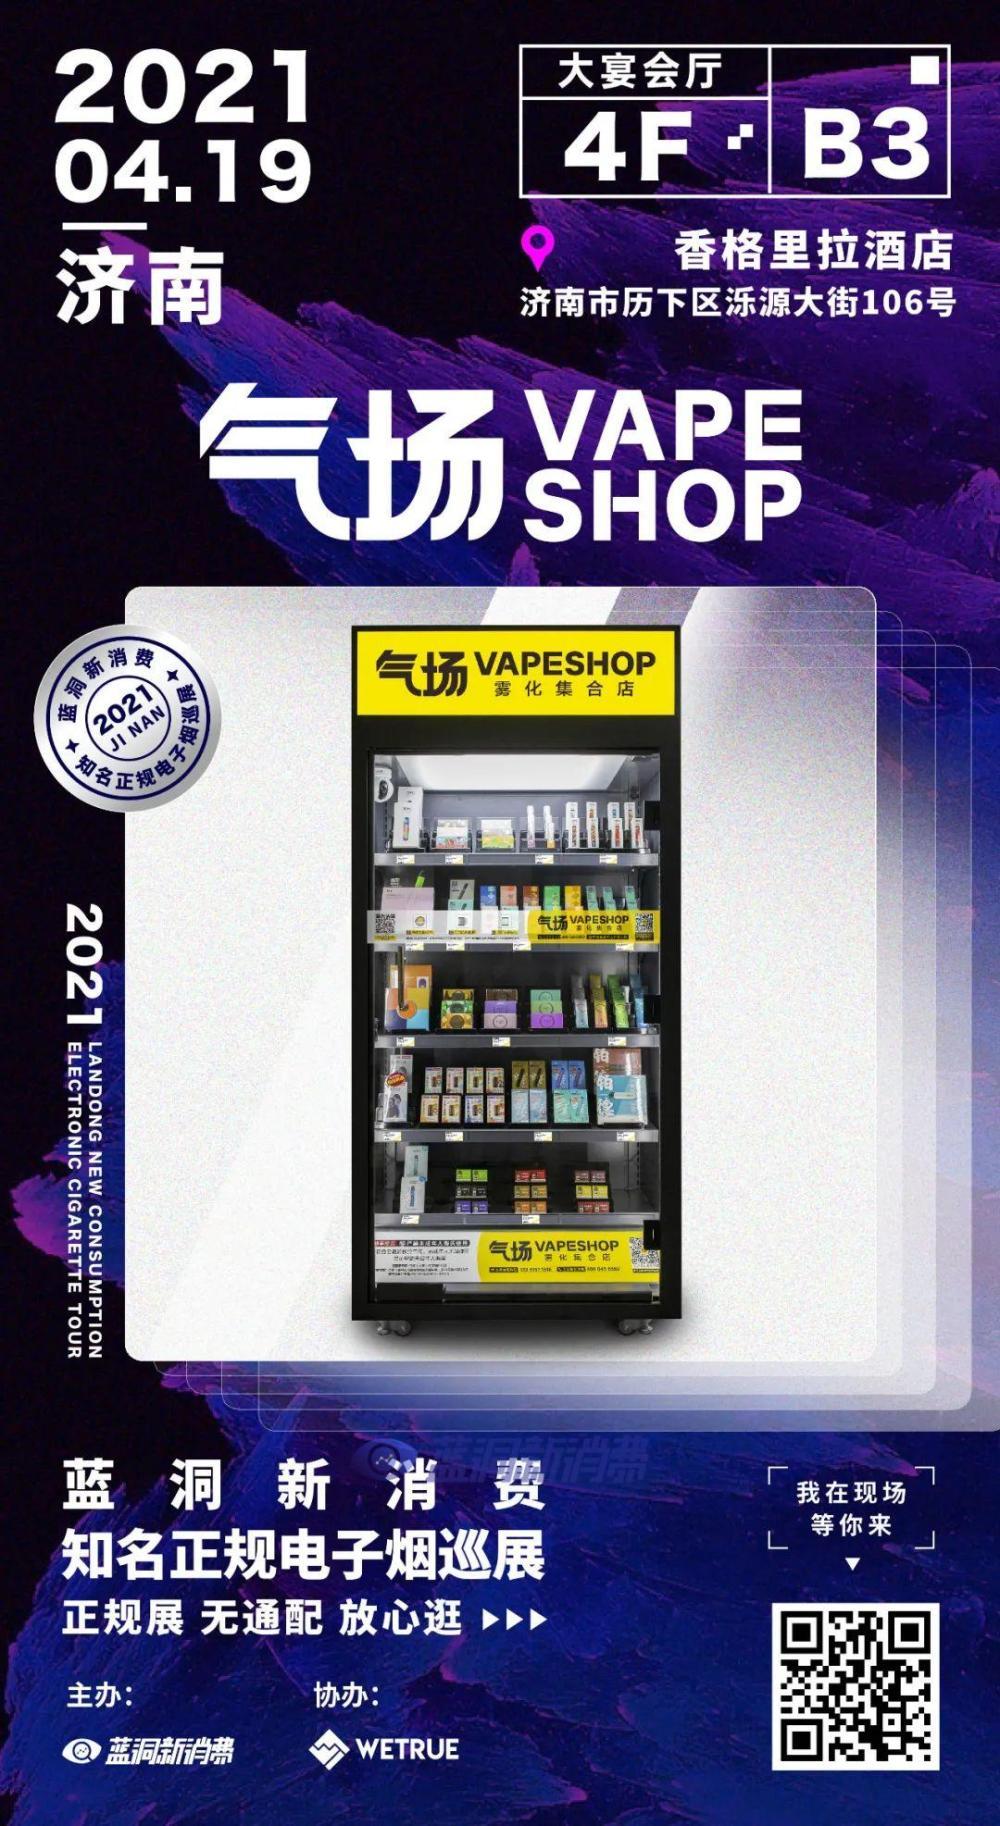 济南电子烟展参展品牌曝光:多组对手将正面同场对决